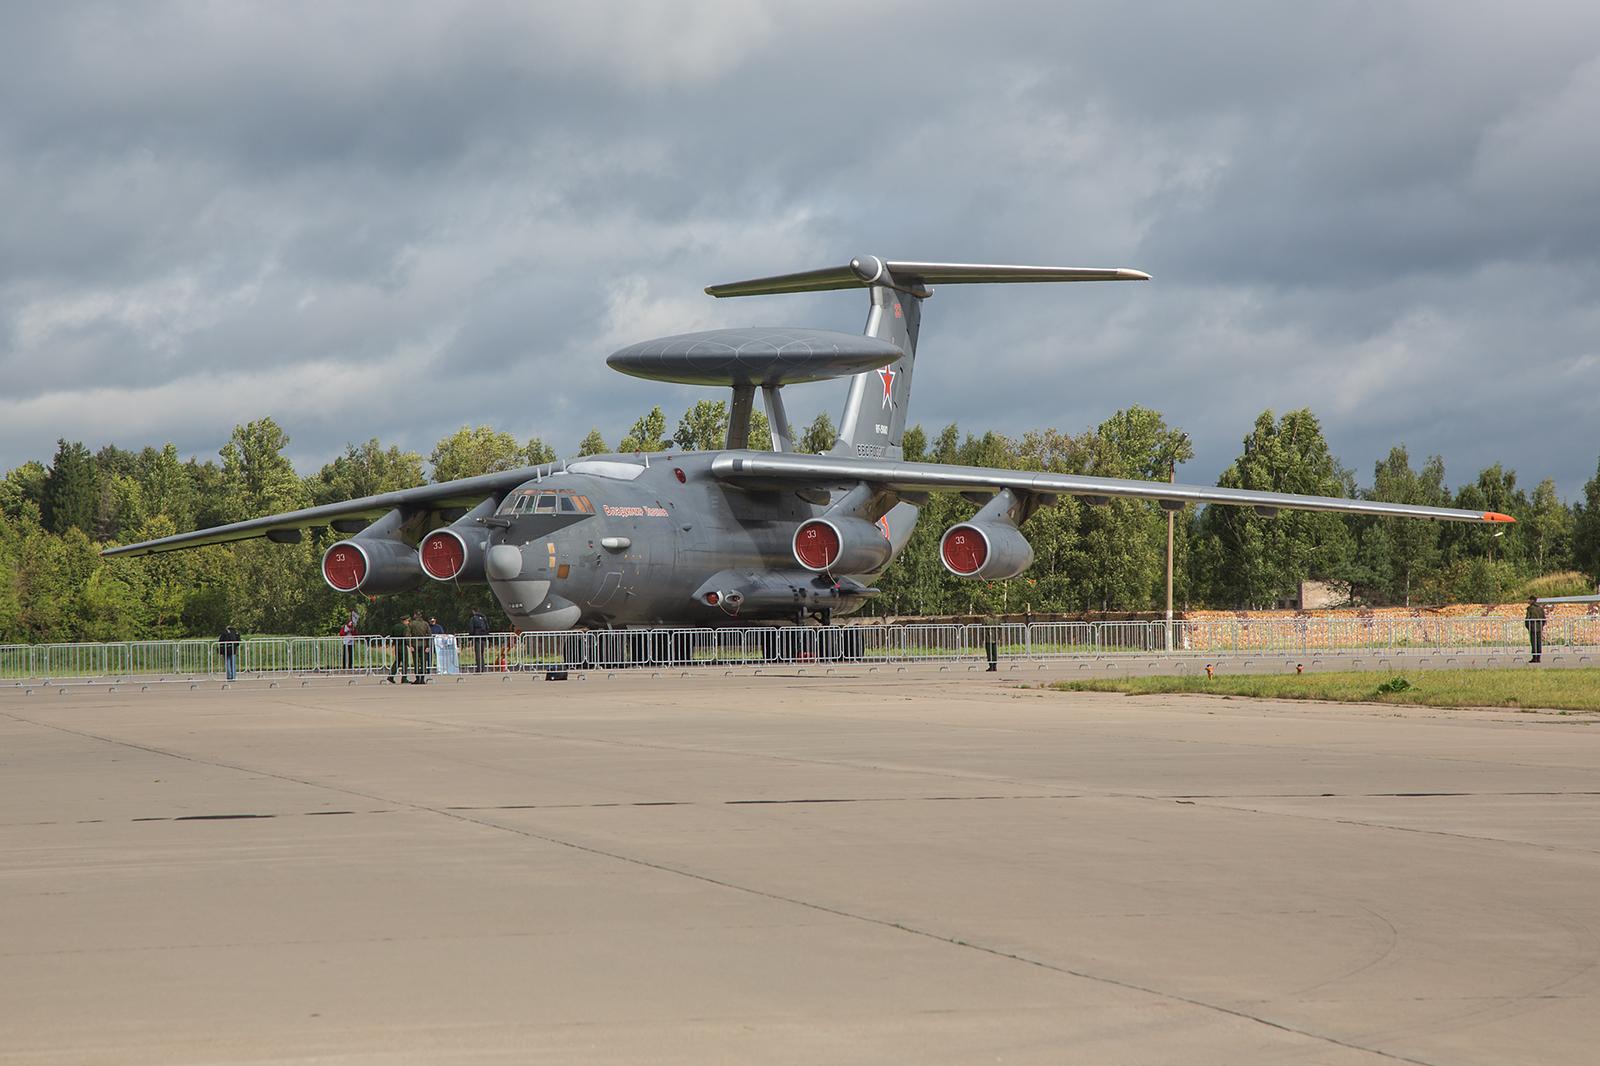 Die Berijew A-50 basiert auf dem Transportflugzeug Ilyushin Il-76.